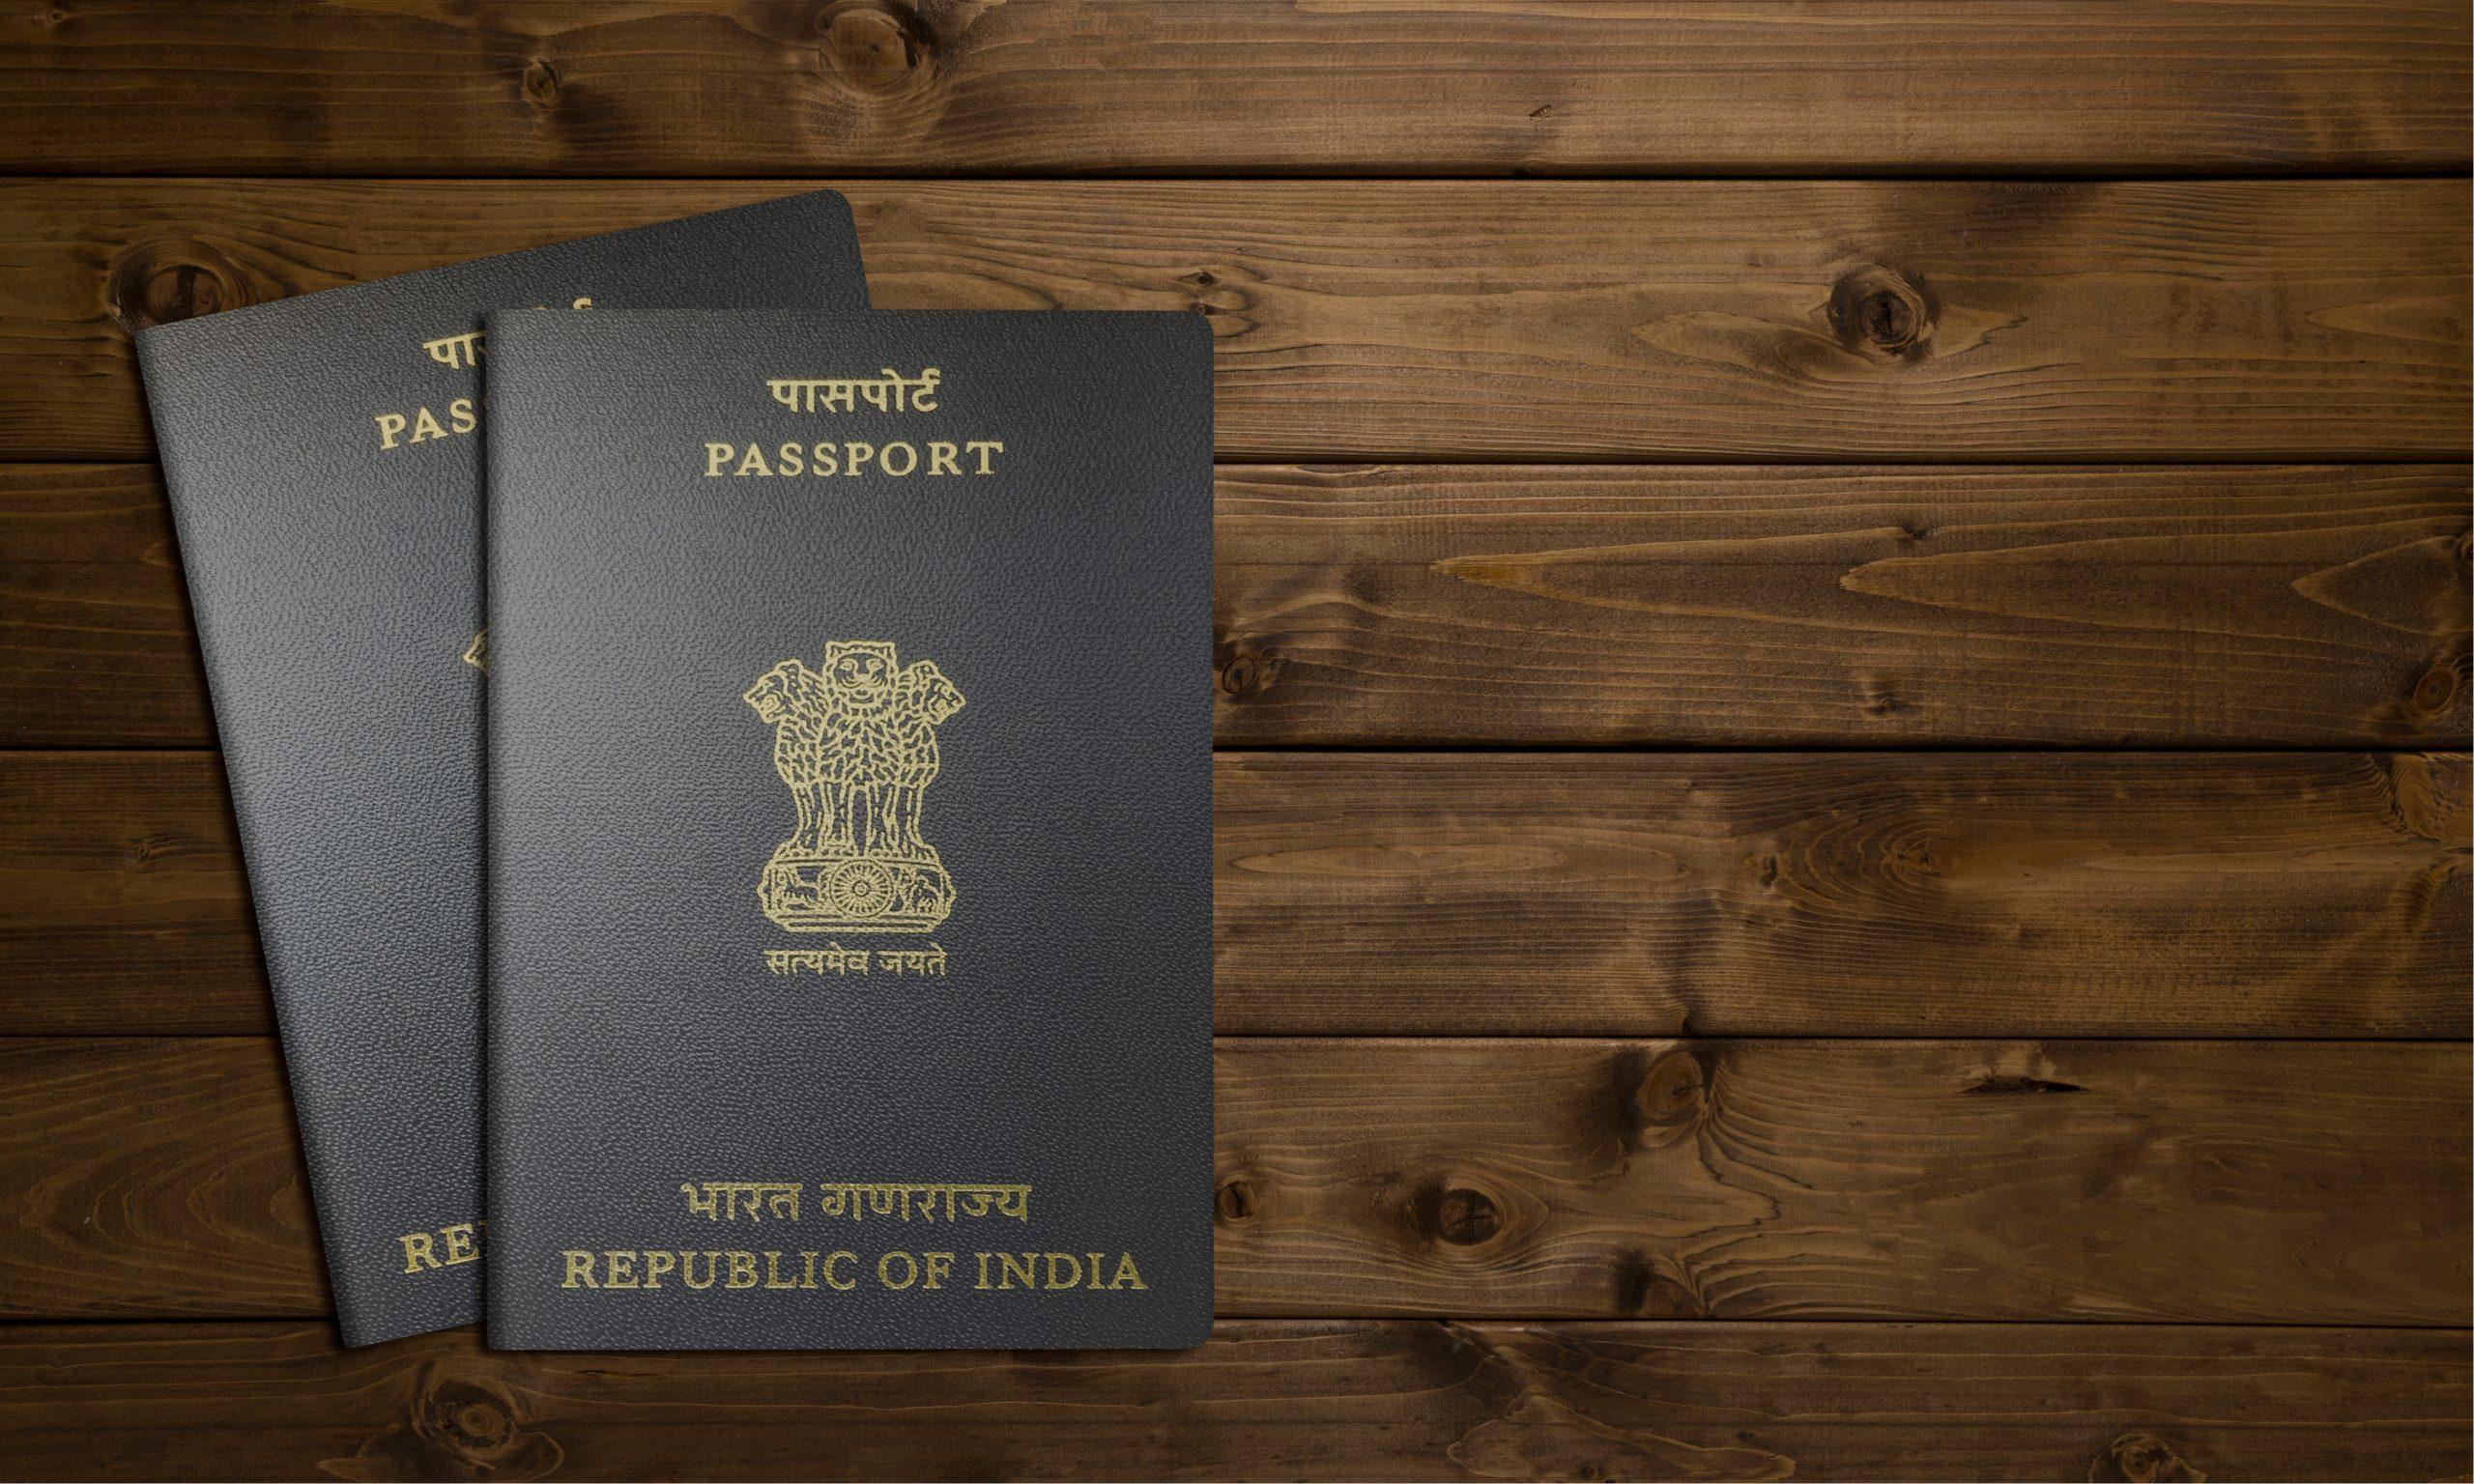 Indian Passport Visa Free Countries 2021